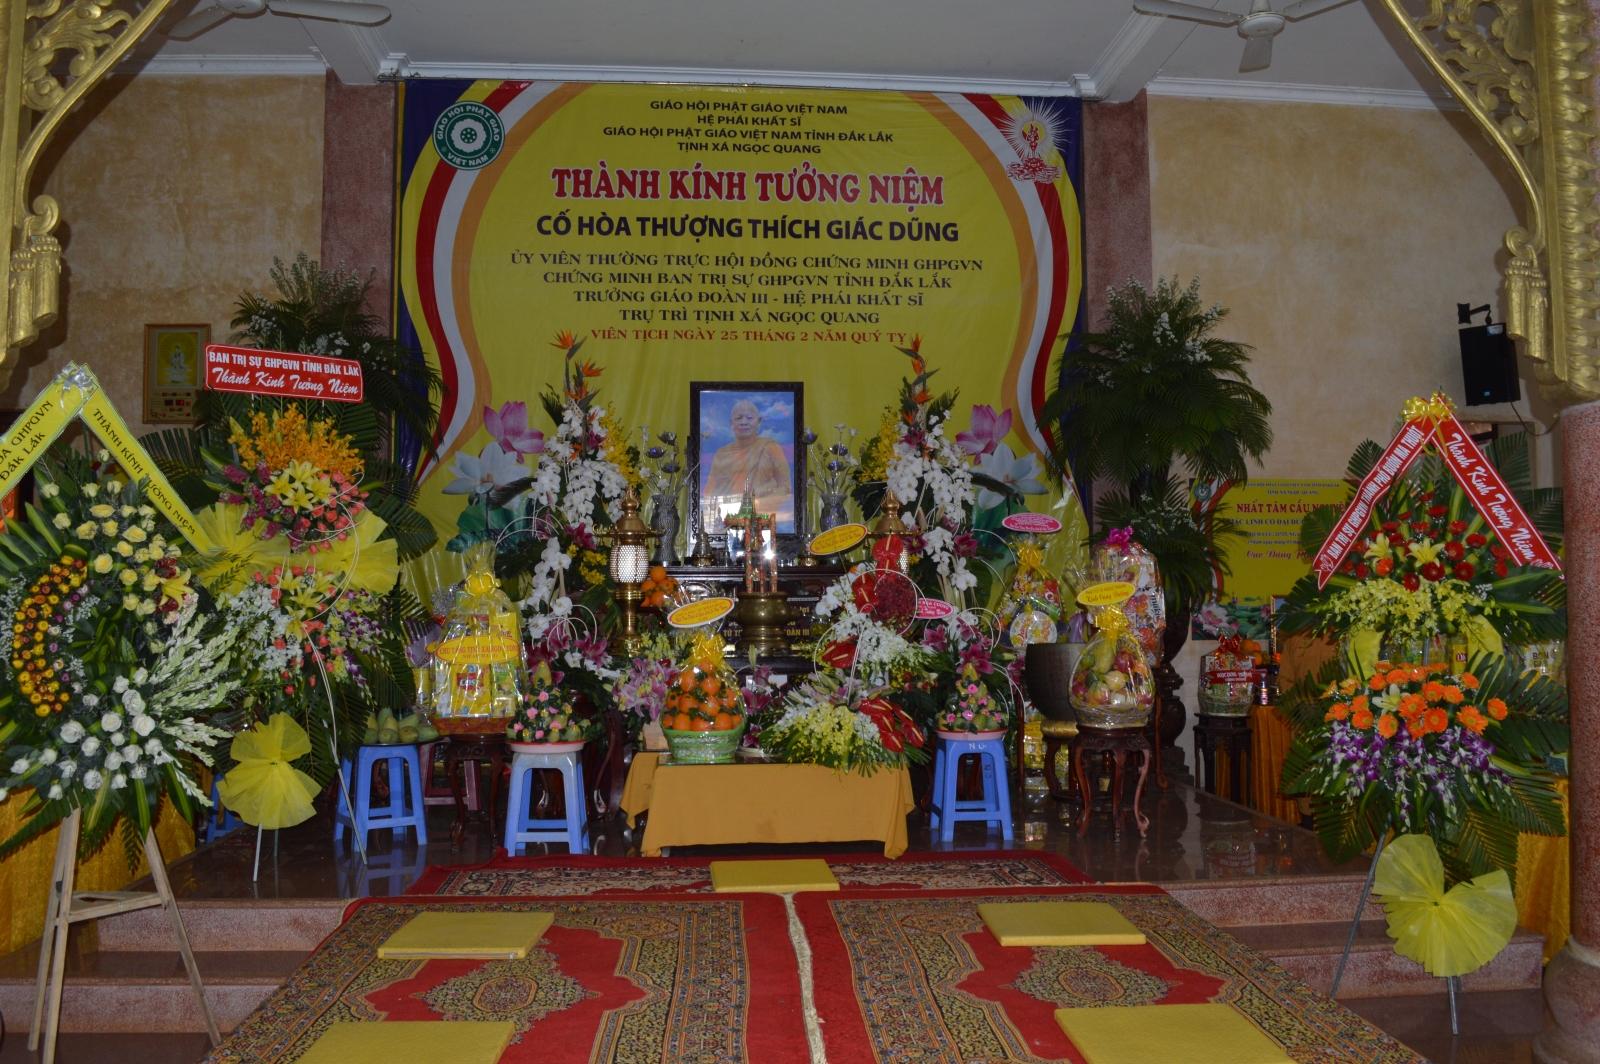 Lễ Tưởng Niệm lần thứ 5 cố Hòa Thượng Thích Giác Dũng tại Tịnh Xá Ngọc Quang